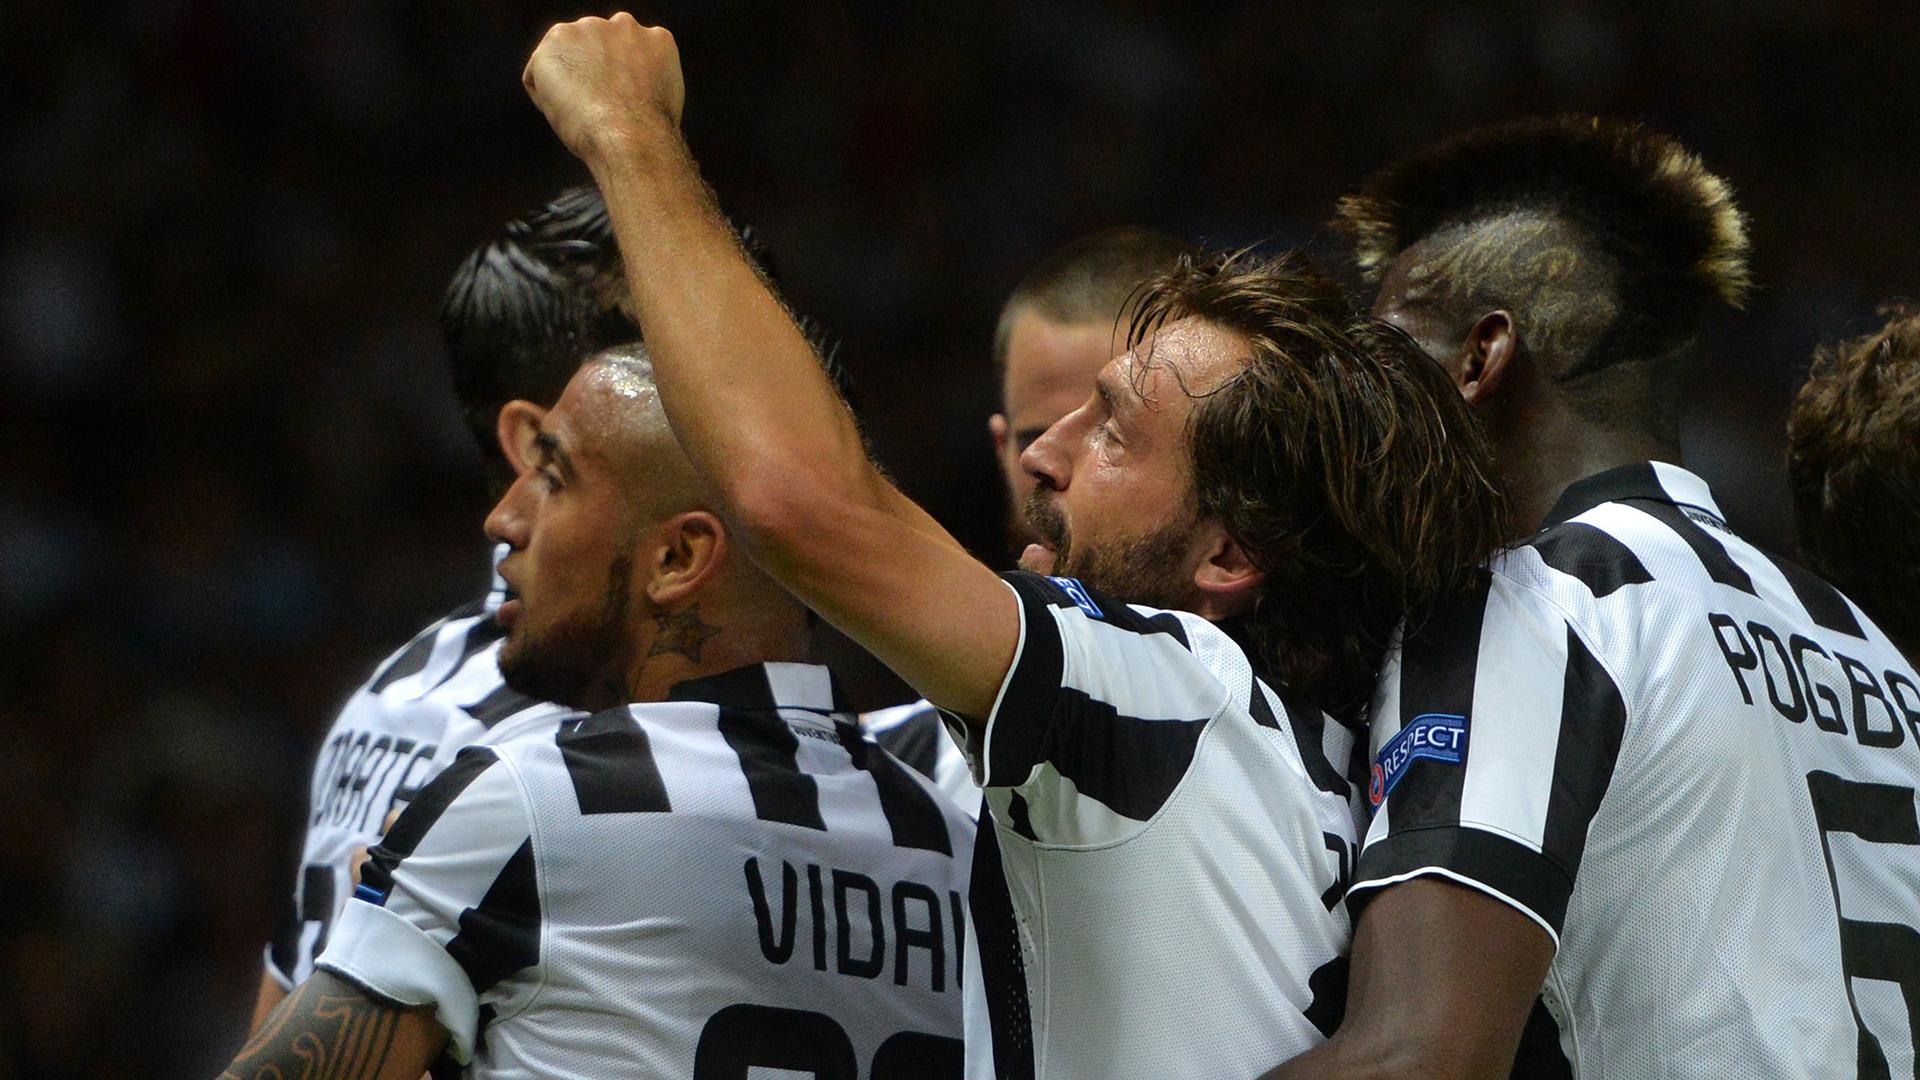 Pirlo Vidal Pogba Juventus Champions League final 06062015